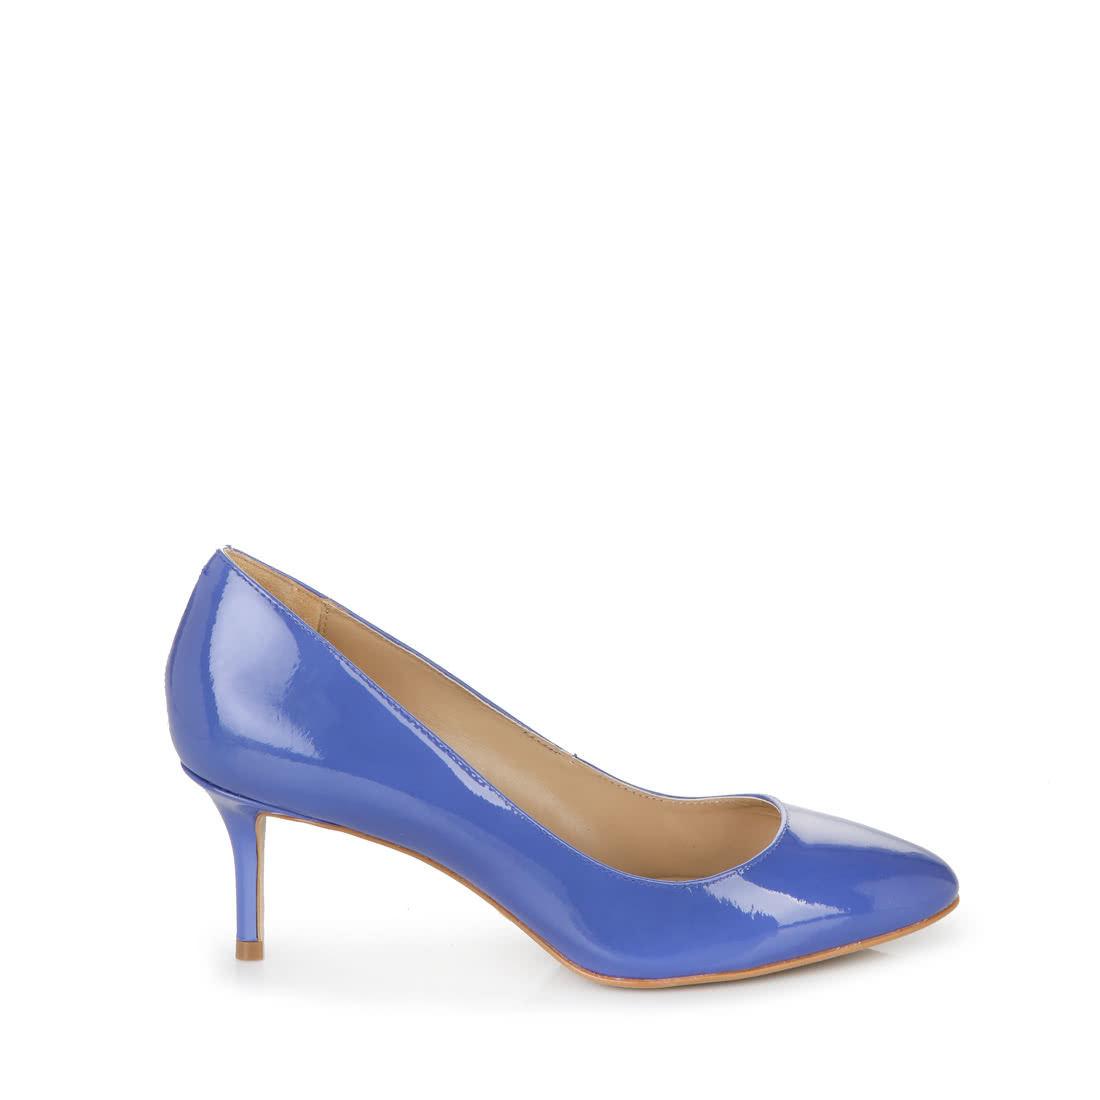 d5a7b891aad Buffalo kitten heels in blue buy online in BUFFALO Online-Shop ...